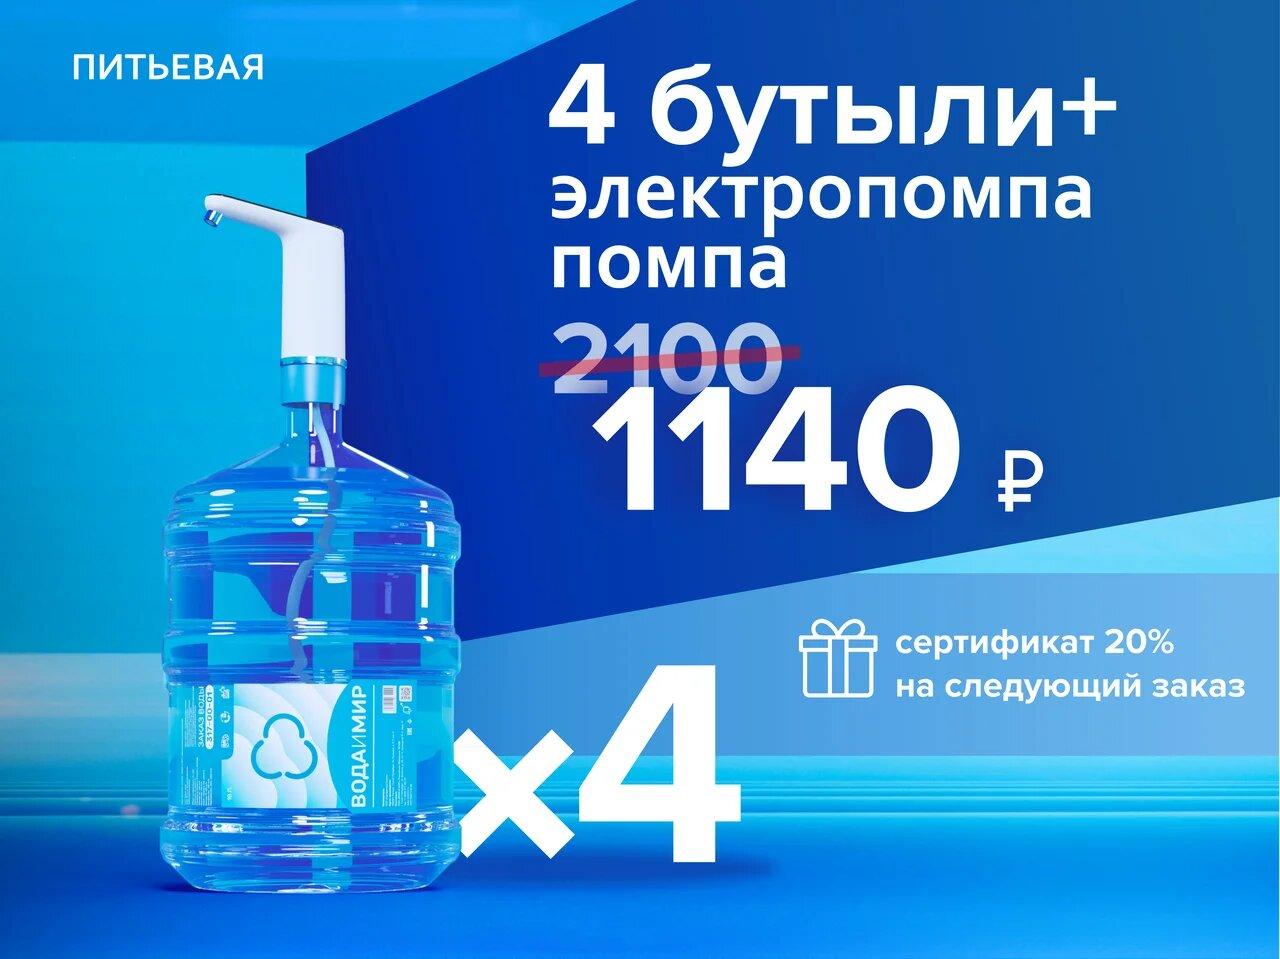 Питьевая вода электр. помпа х4 (1)